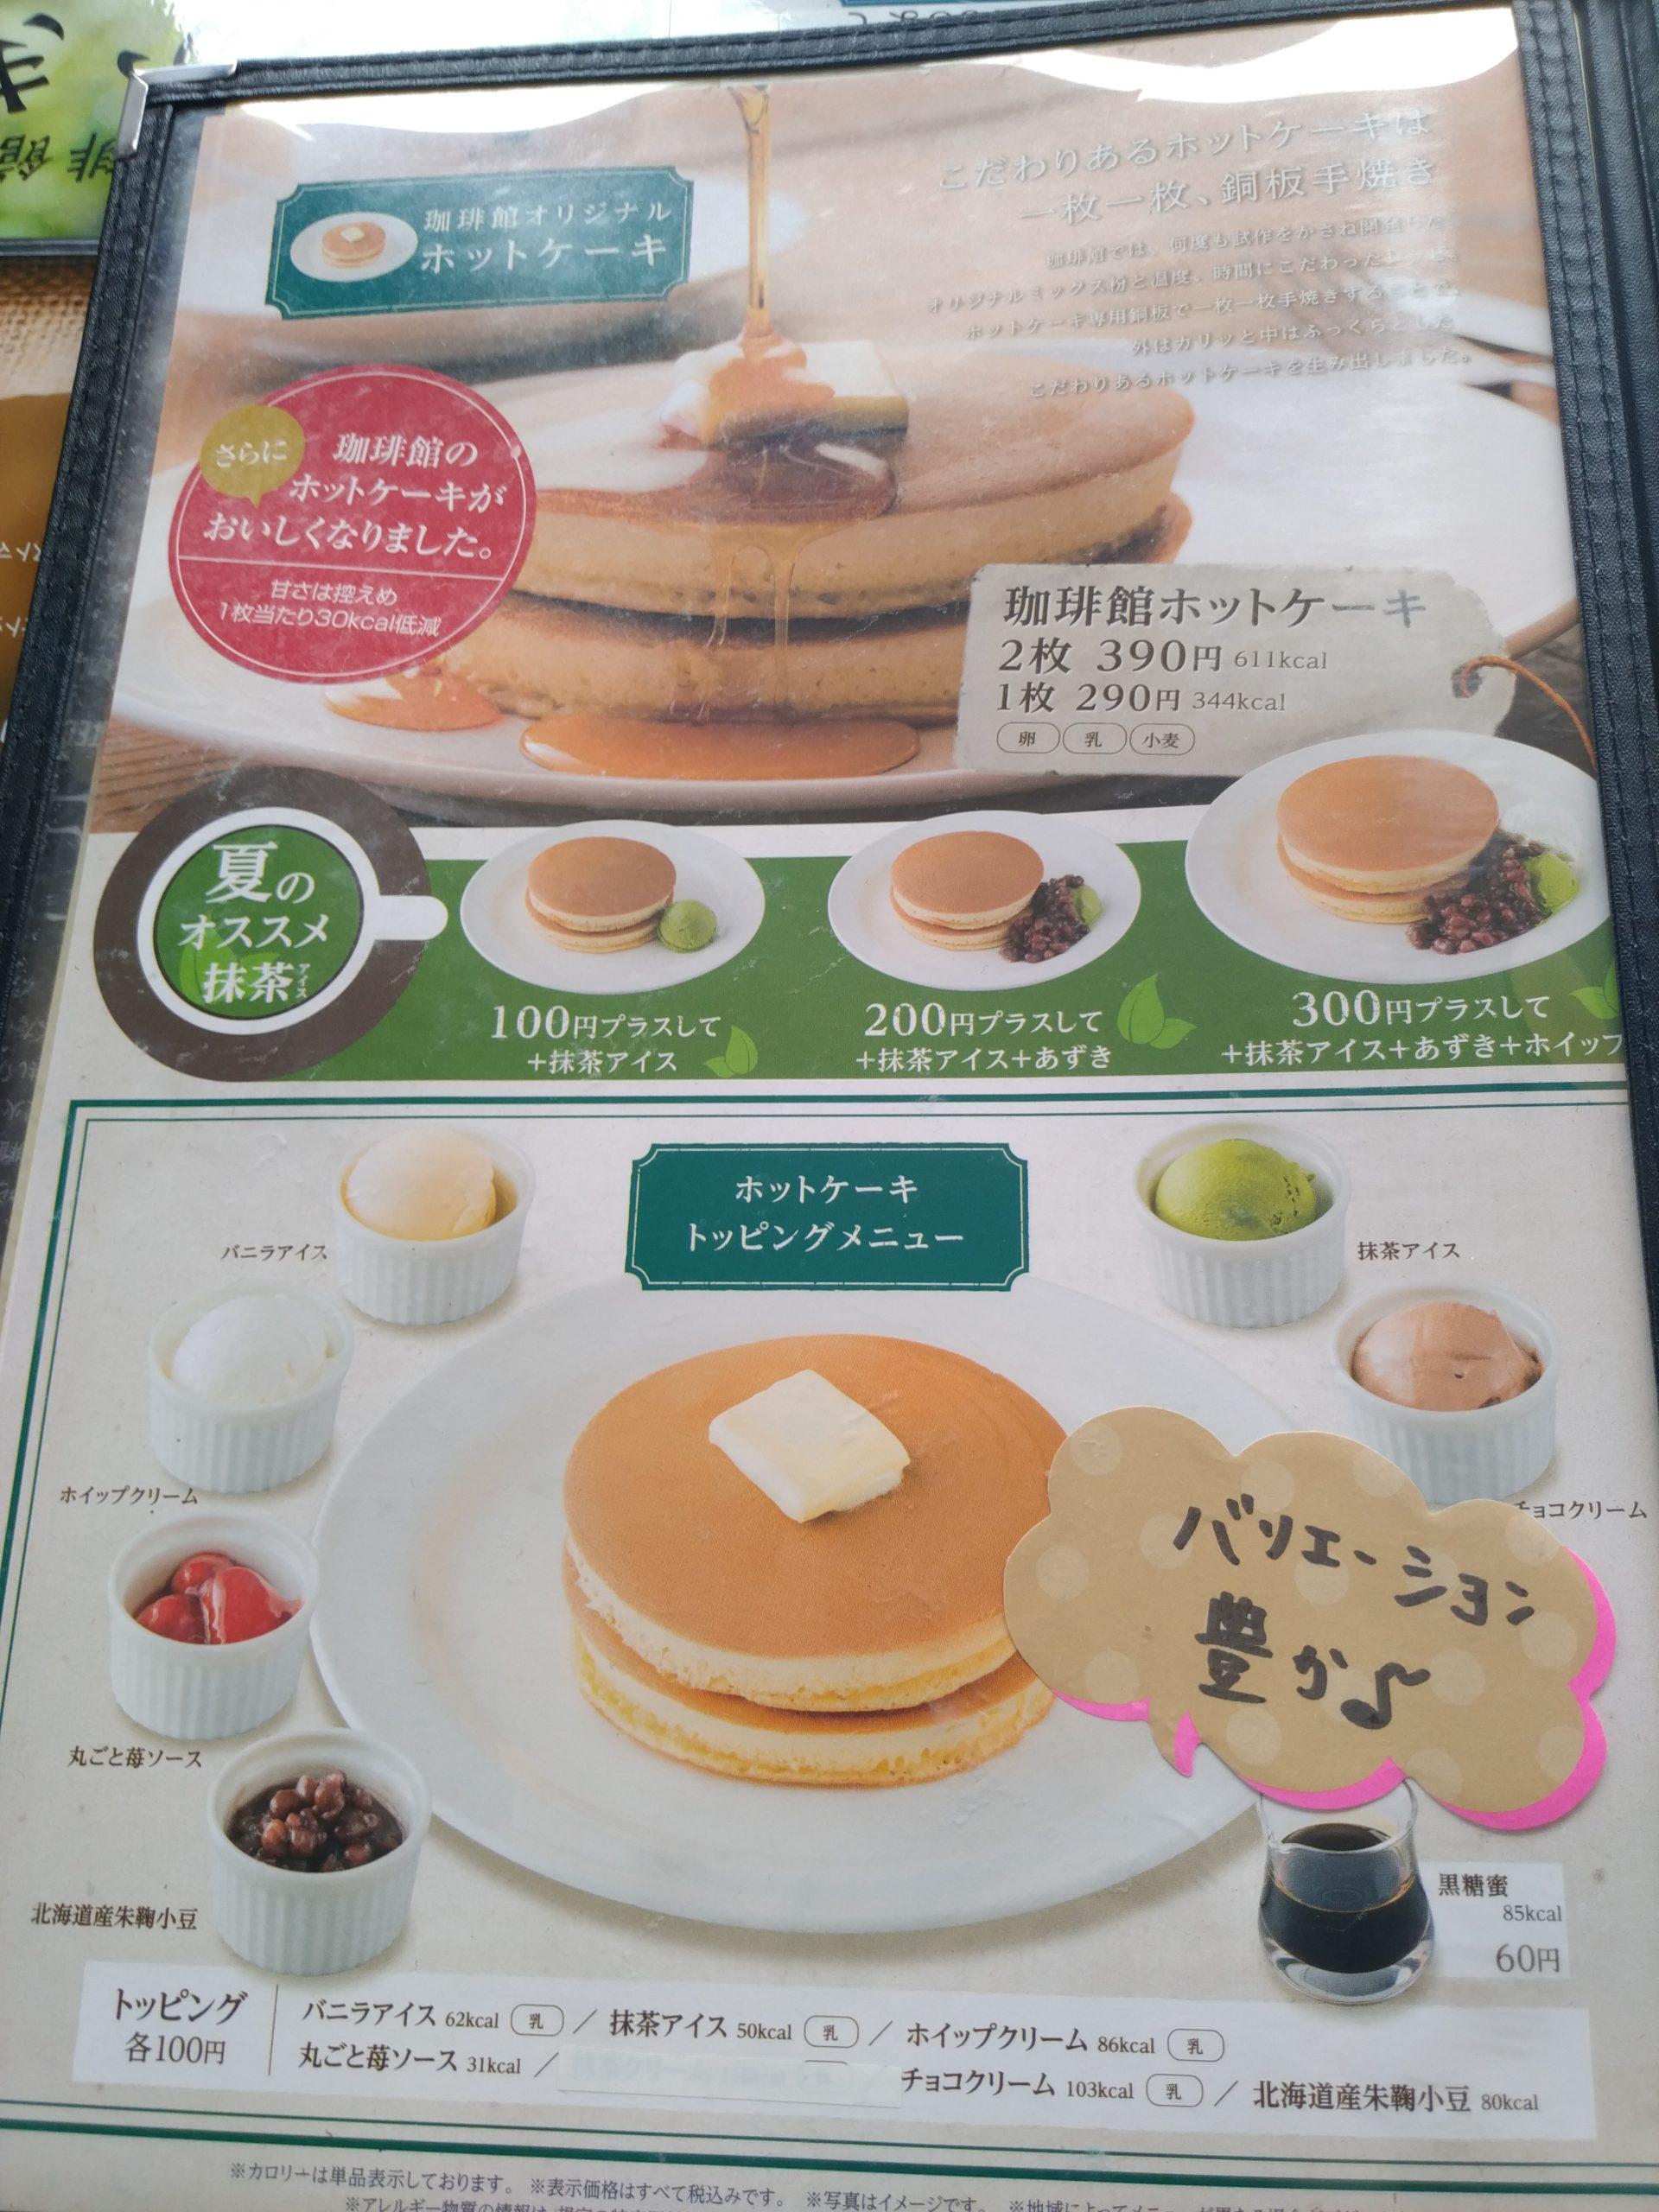 厚切りシナモントースト 珈琲館 ホットケーキ